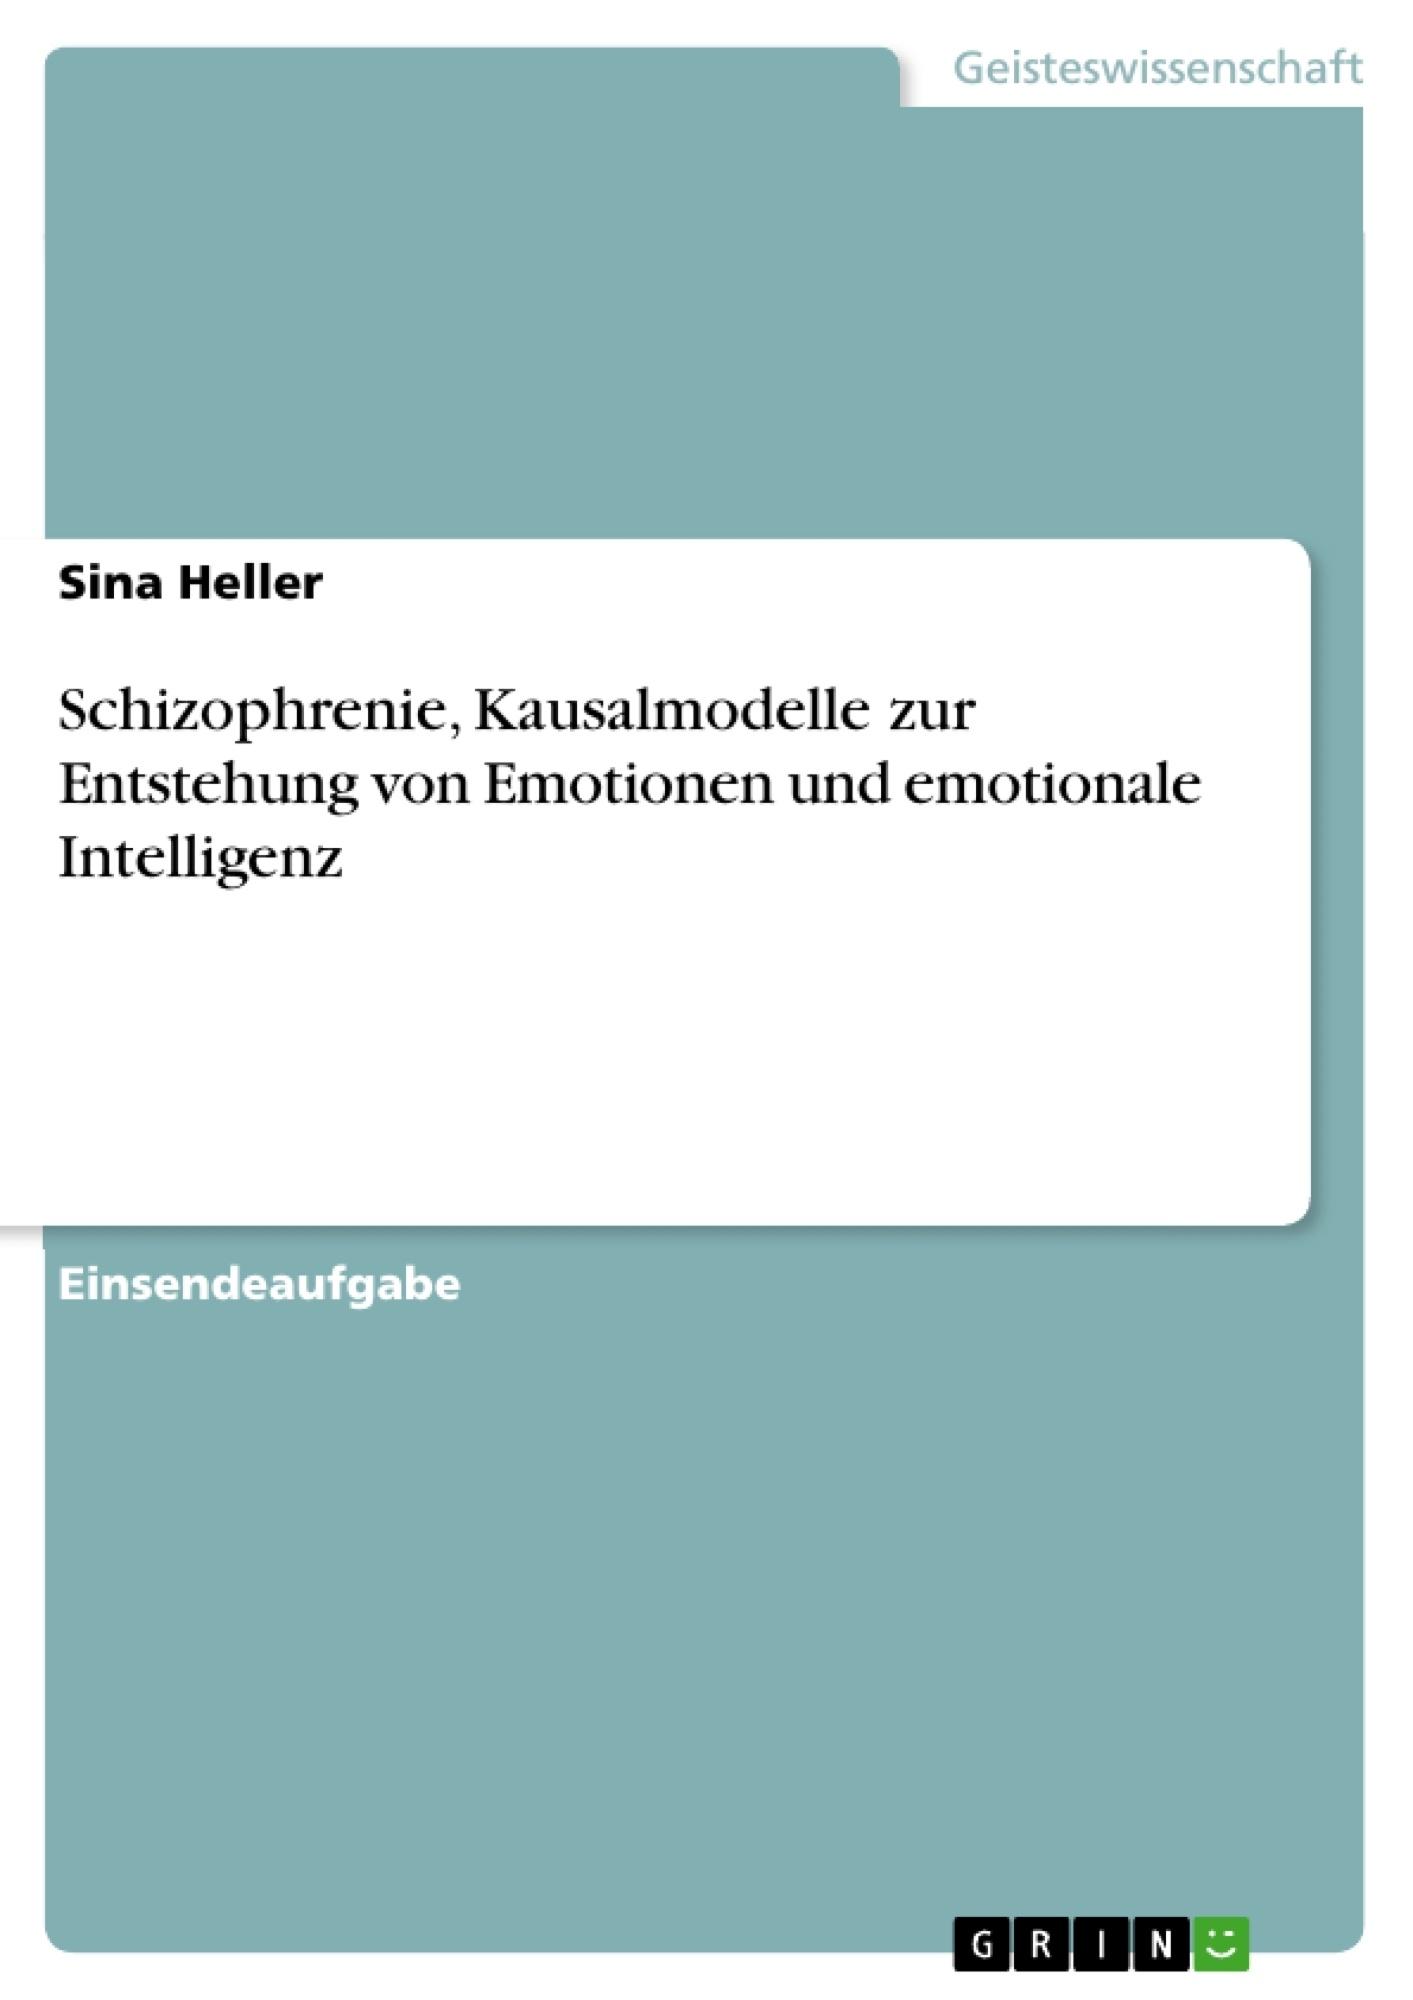 Titel: Allgemeine Psychologie. Schizophrenie, Kausalmodelle zur Entstehung von Emotionen und emotionale Intelligenz